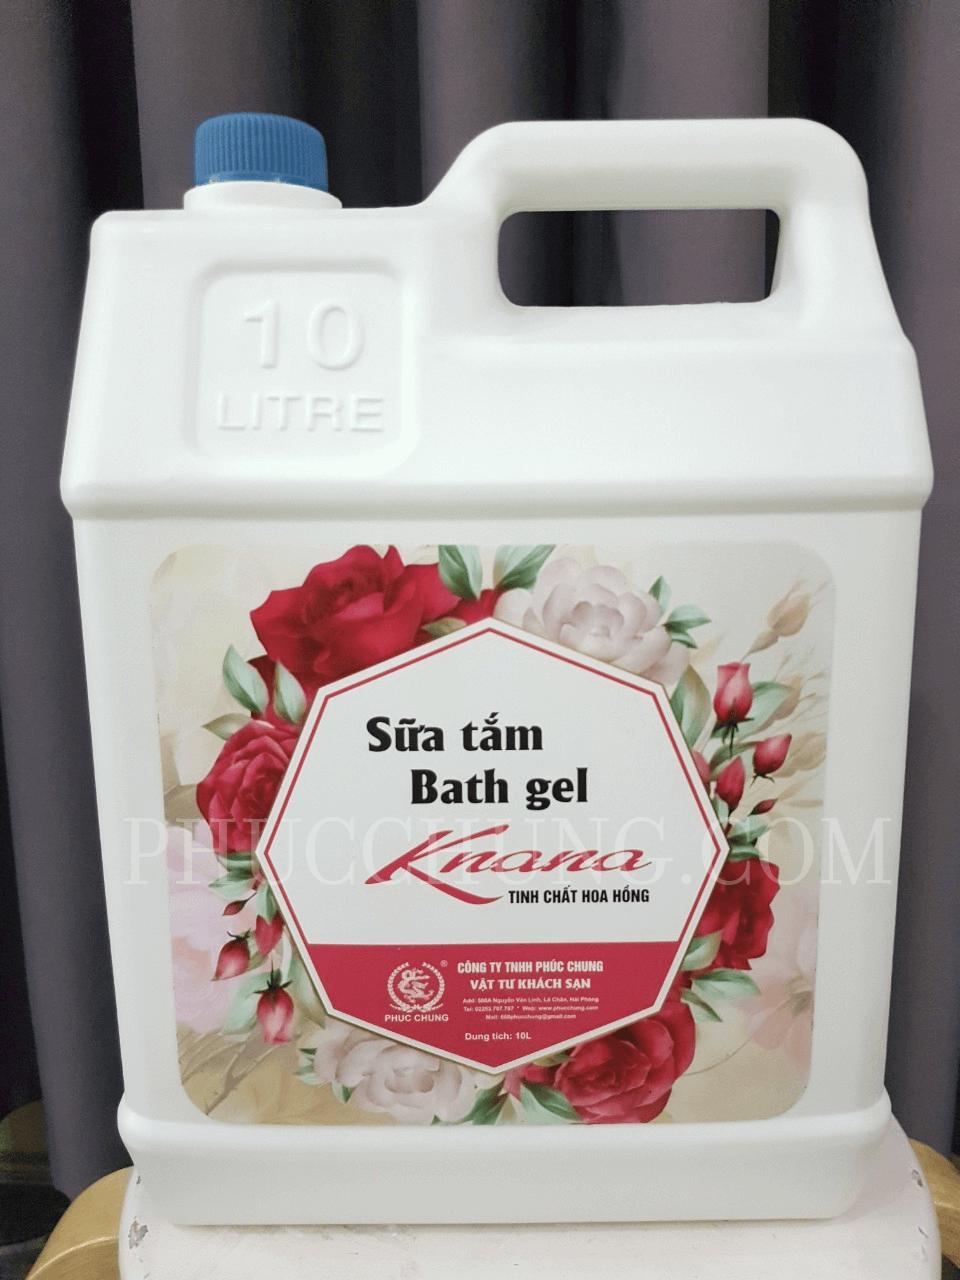 Sữa tắm Phúc Chung